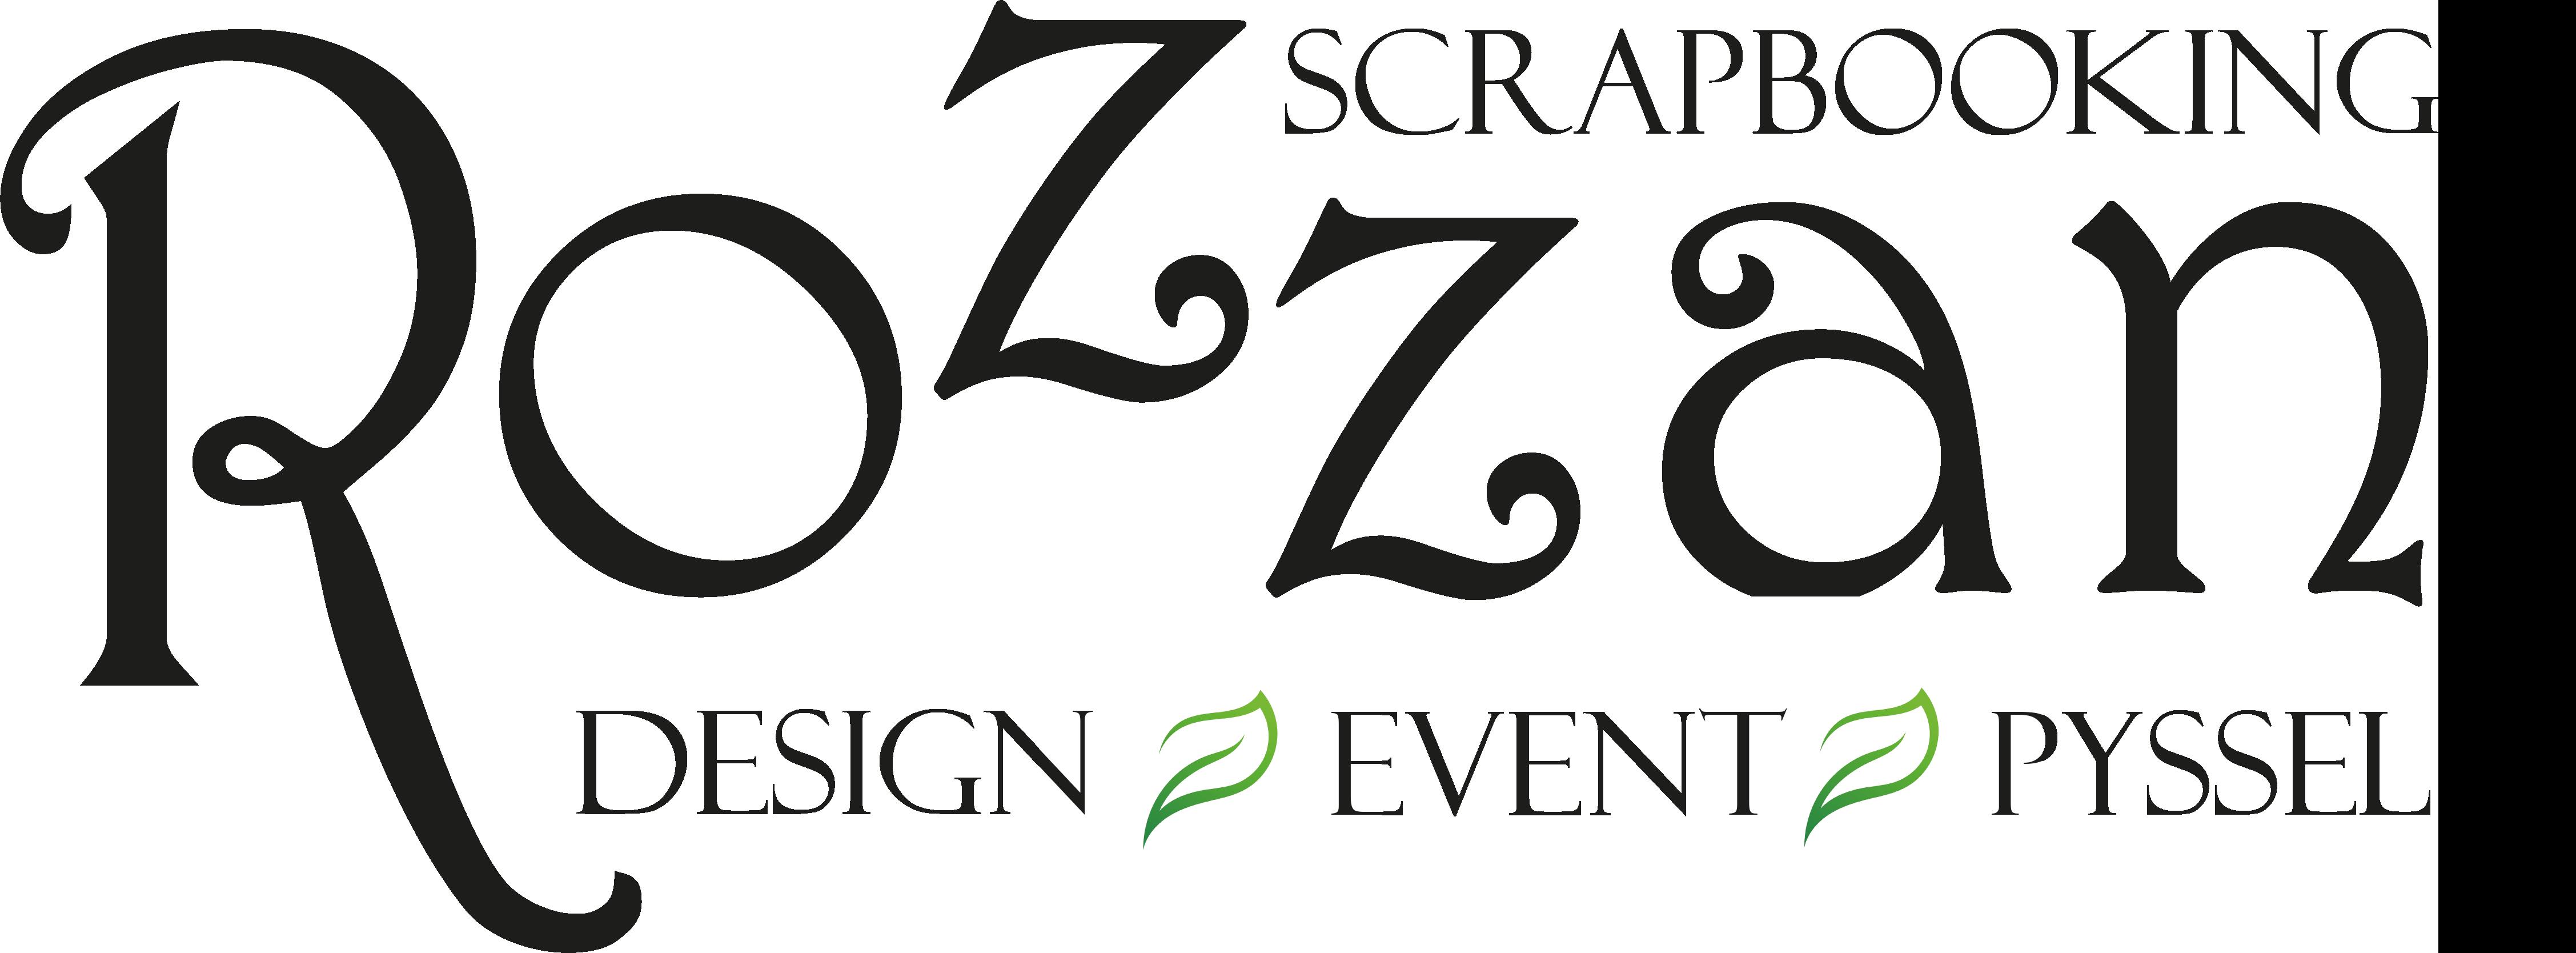 Rozzanscrap Event